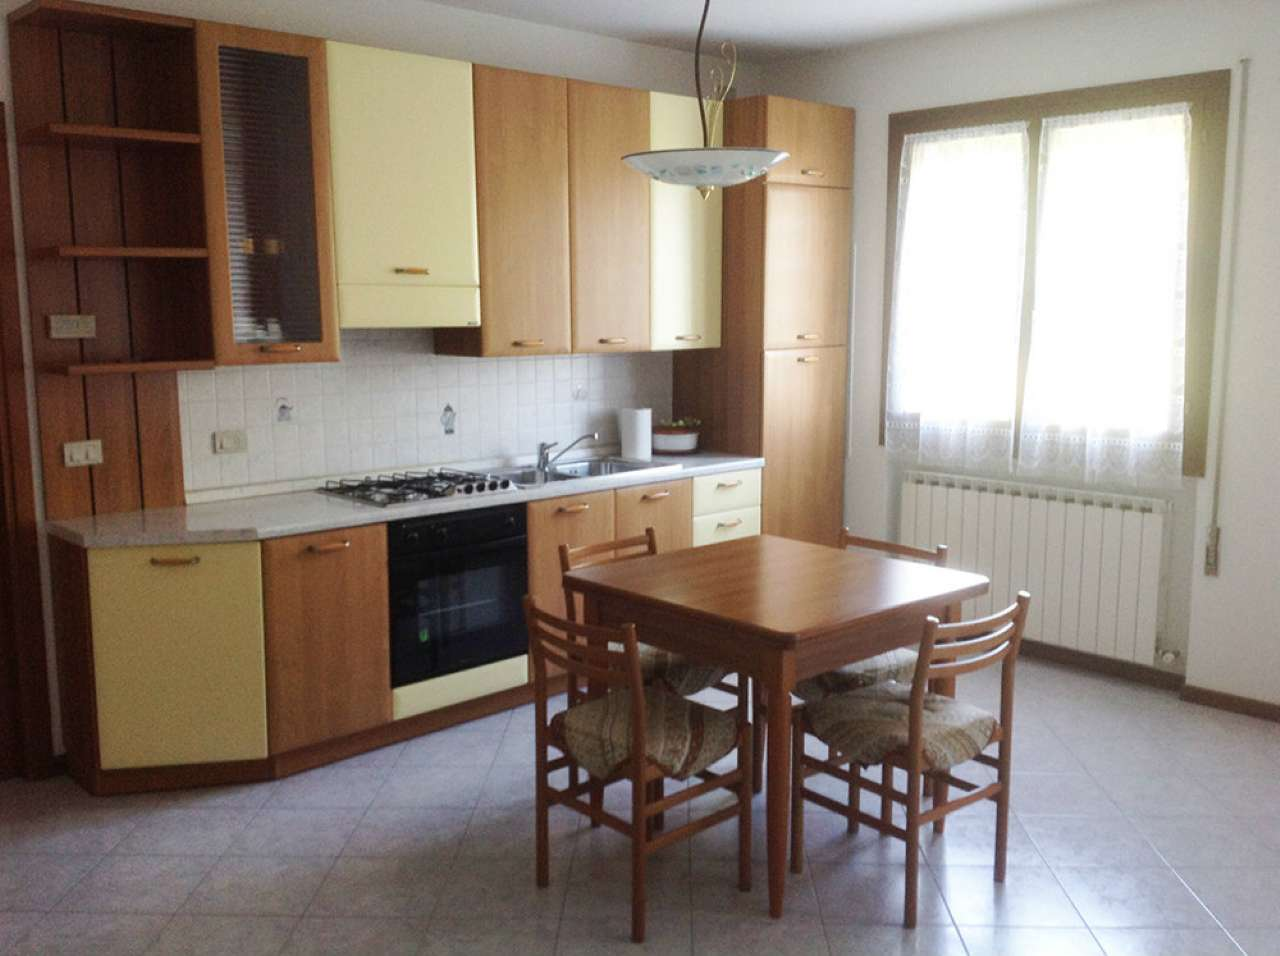 Appartamento in affitto a Brugine, 2 locali, prezzo € 400 | Cambio Casa.it